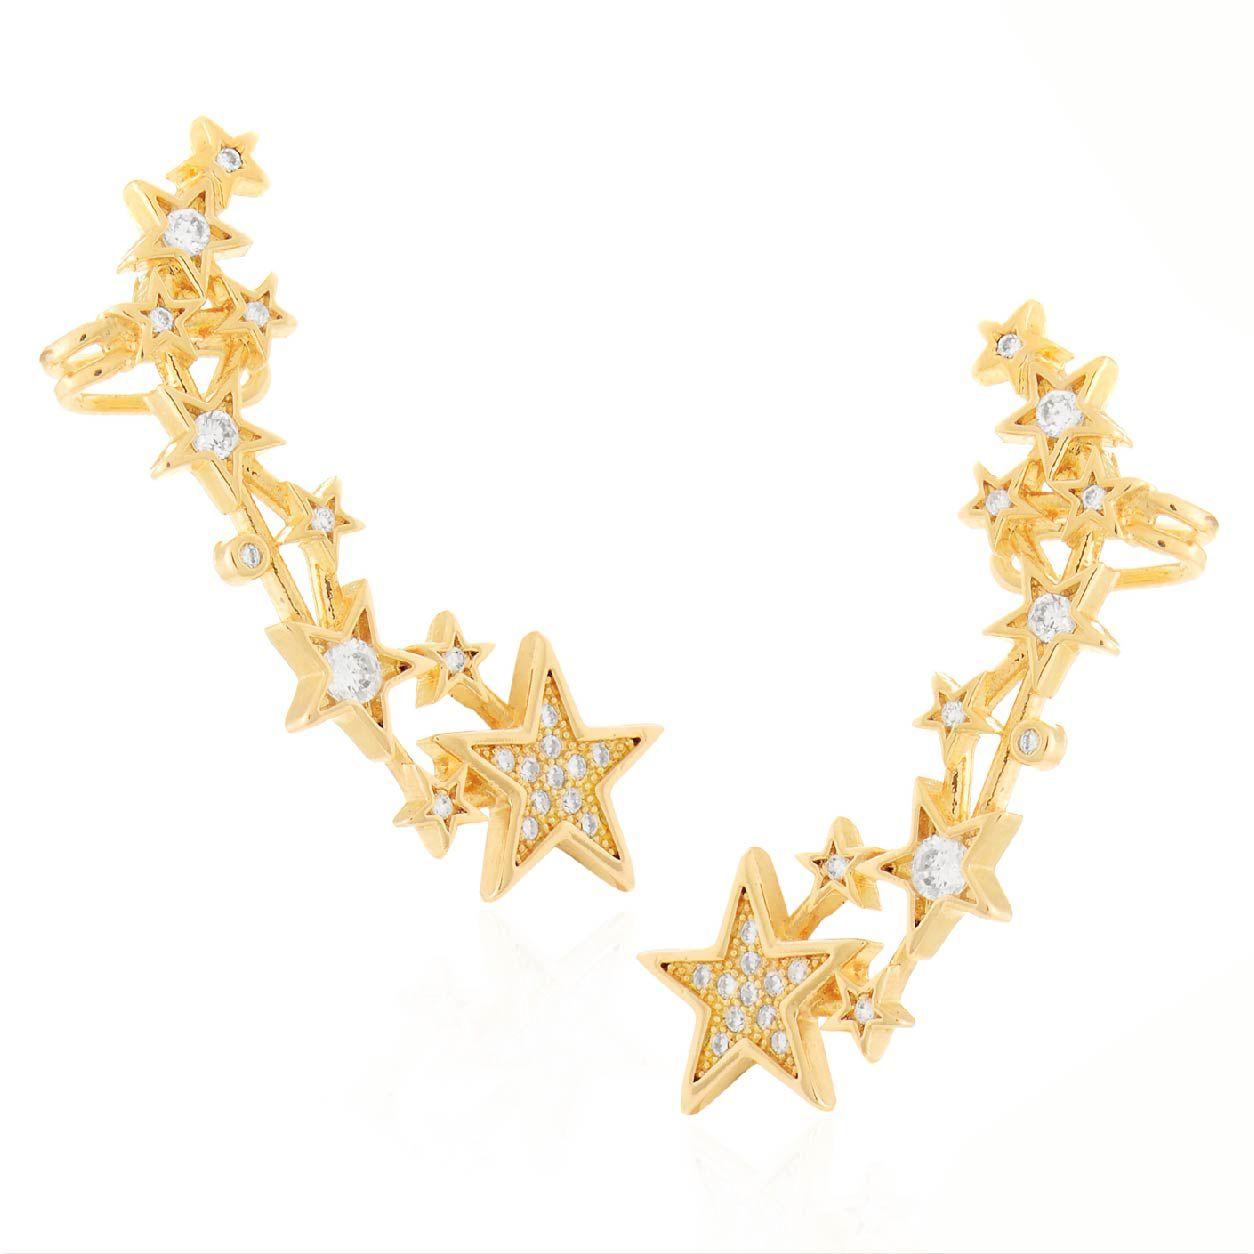 Brinco Stars ear cuff, folheado no ouro 18k.